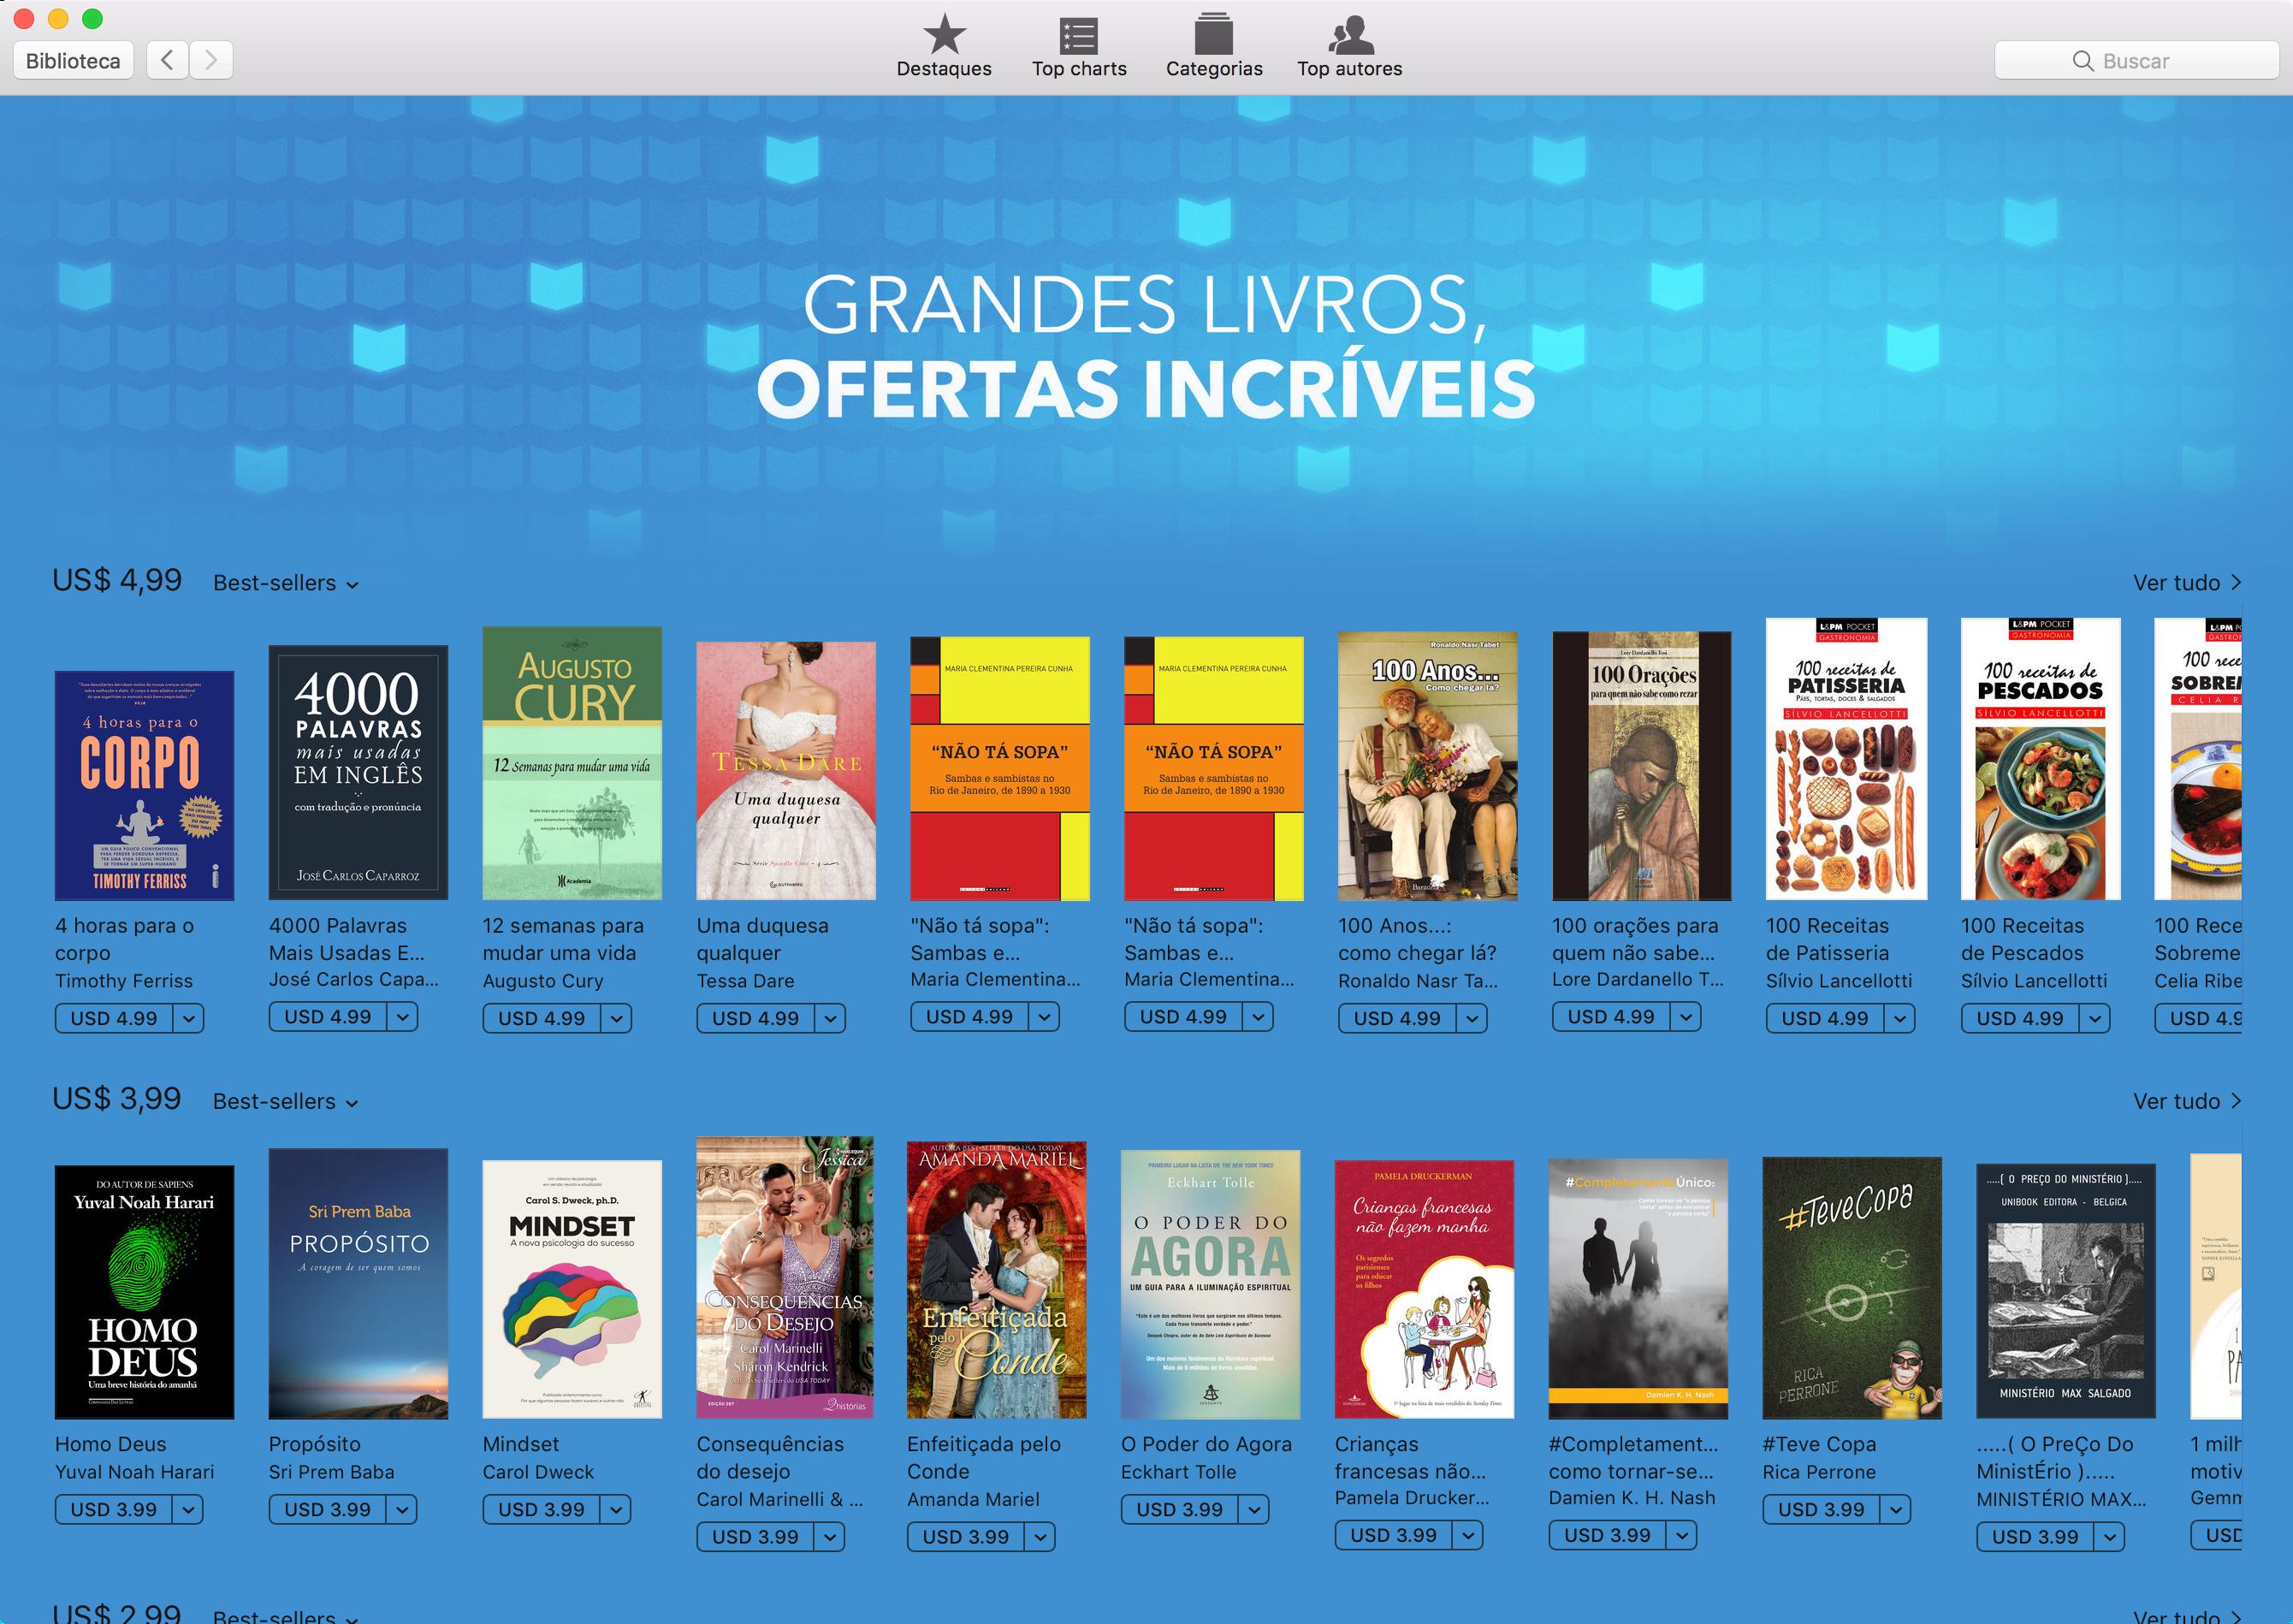 Grandes livros, ofertas incríveis na iBooks Store